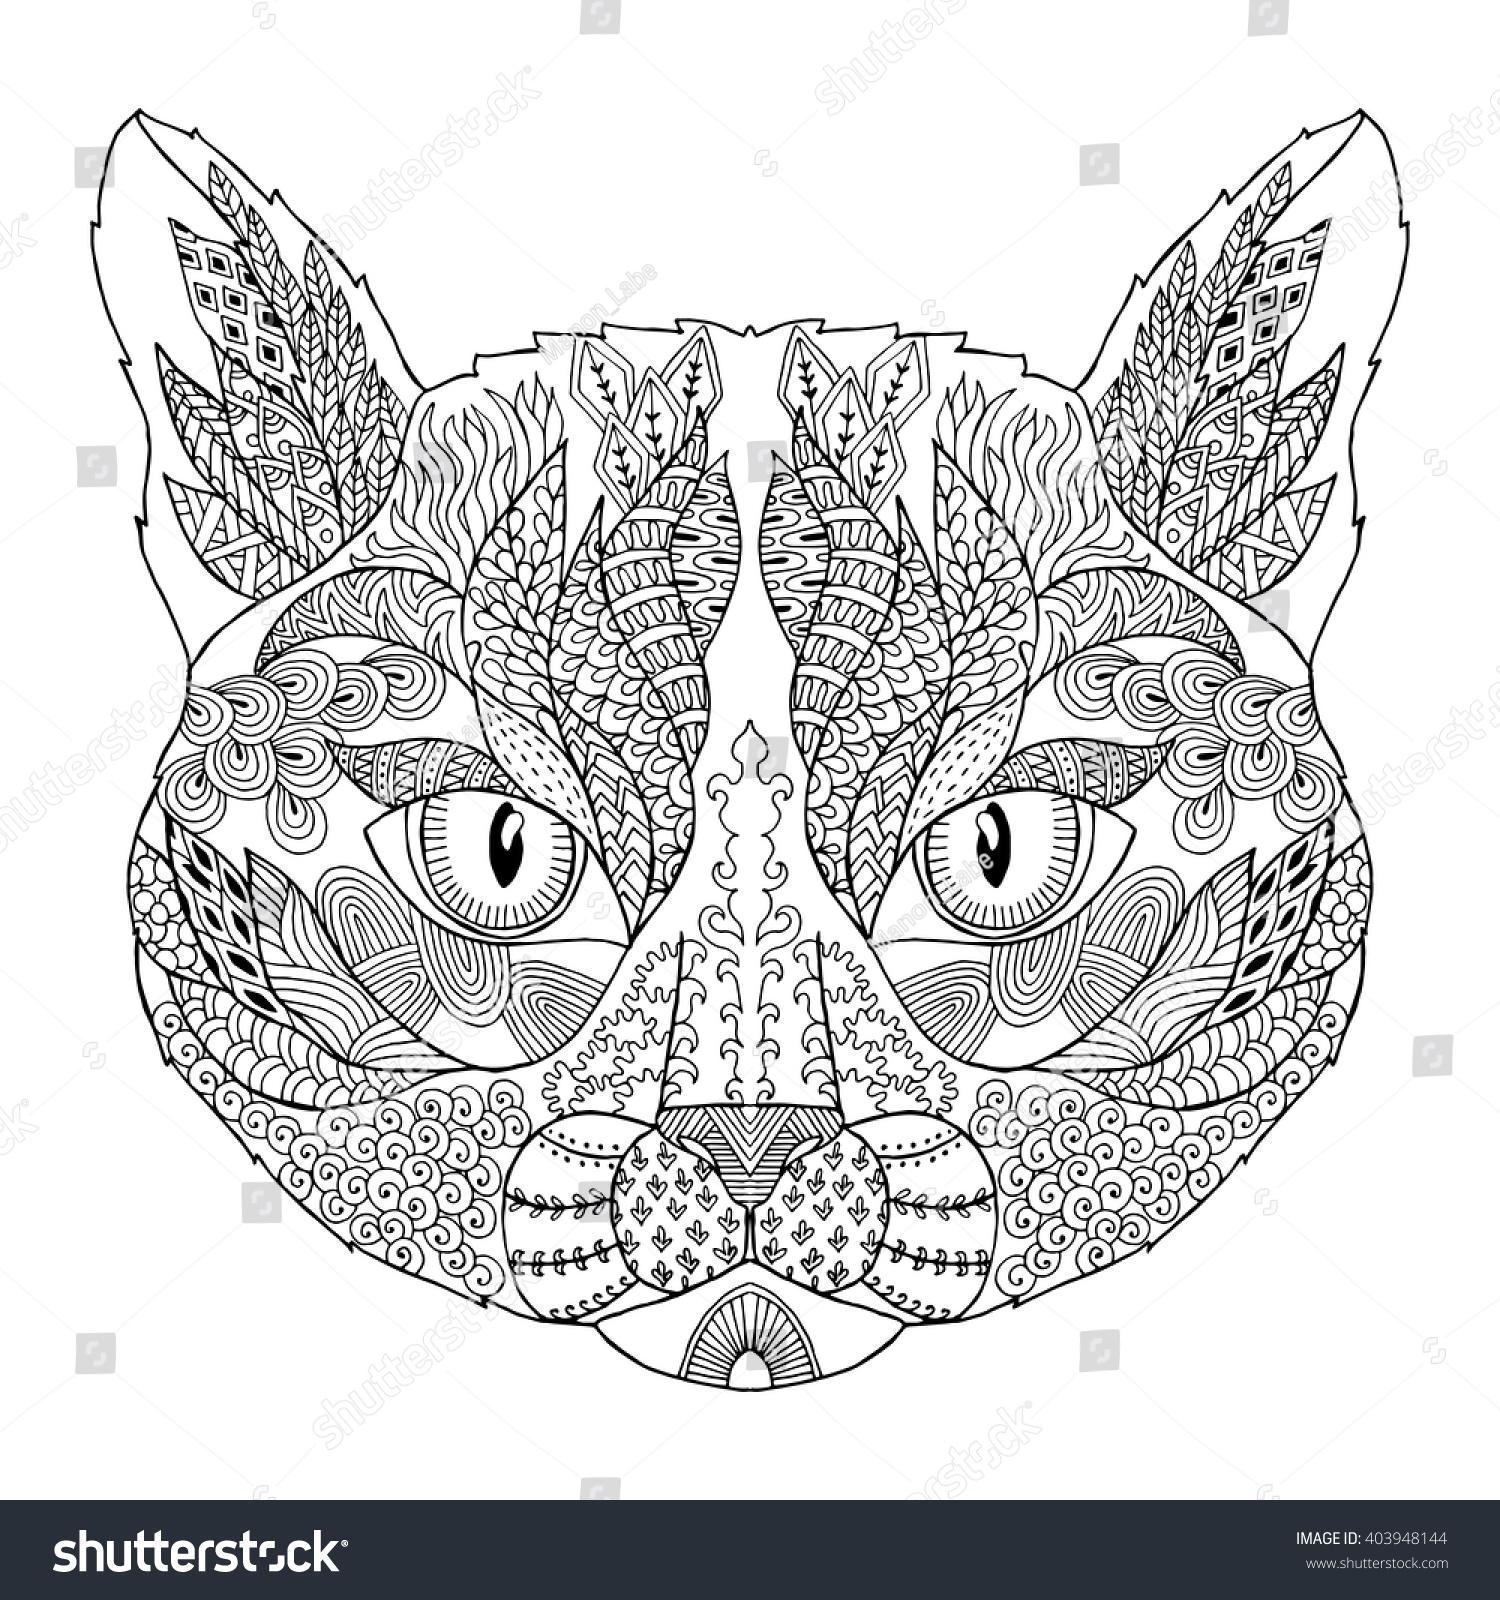 Zen Line Drawing : Zentangle stylized doodle vector cat head stock